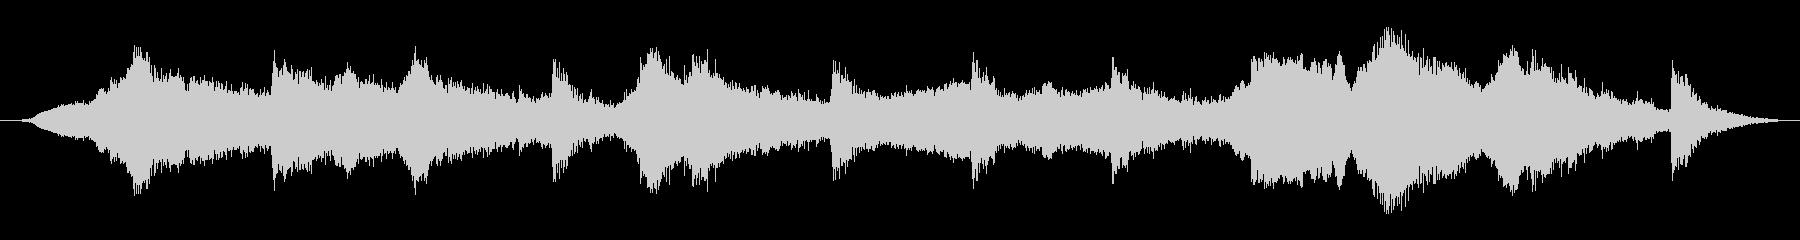 ゴーストハンマーの未再生の波形